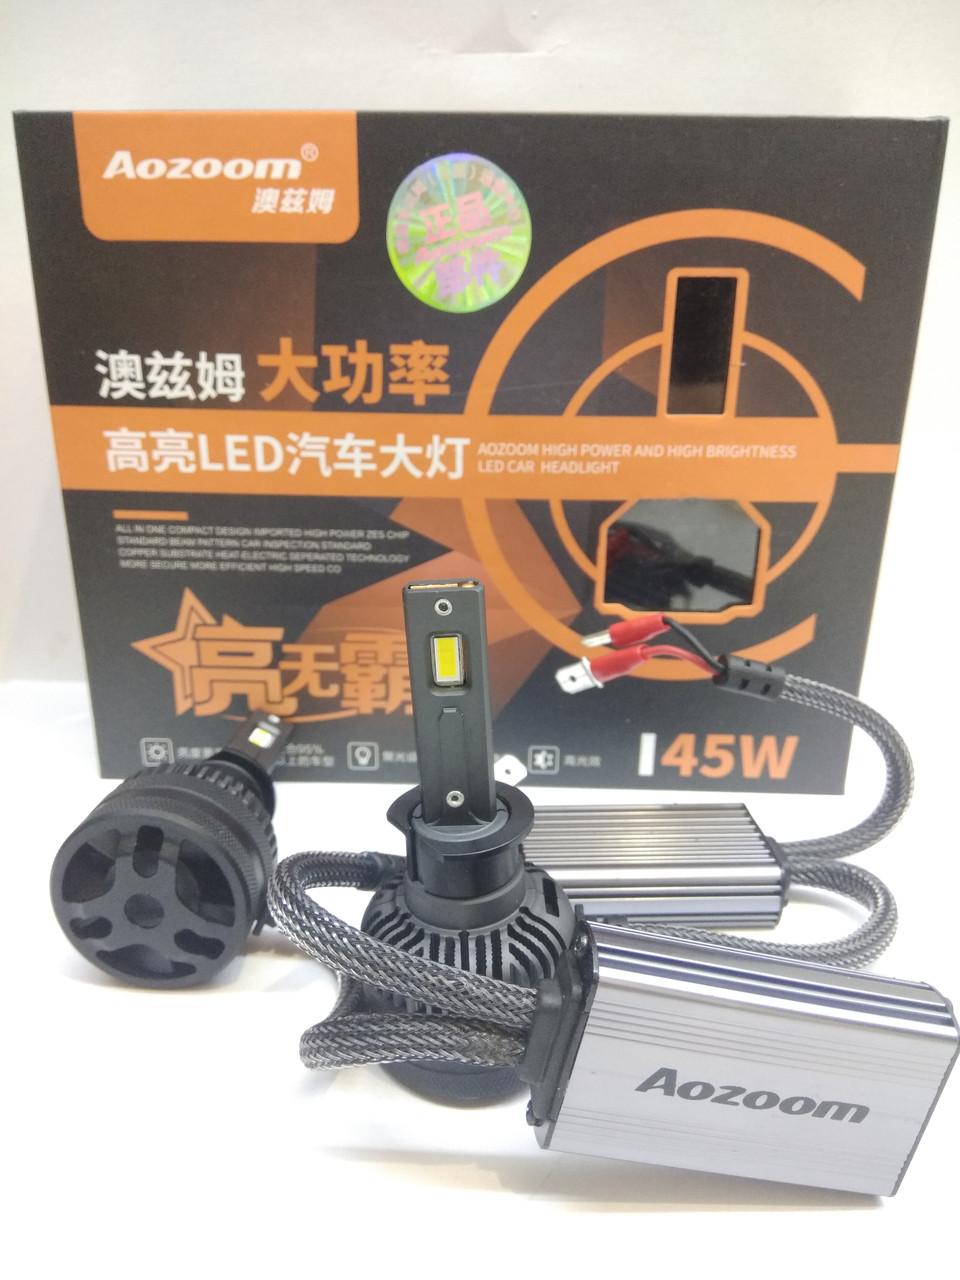 LED светодиодные авто лампы Aozoom L8, Н1, 5500K, 7600 Люмен, 90Вт, 12-24В CANBUS